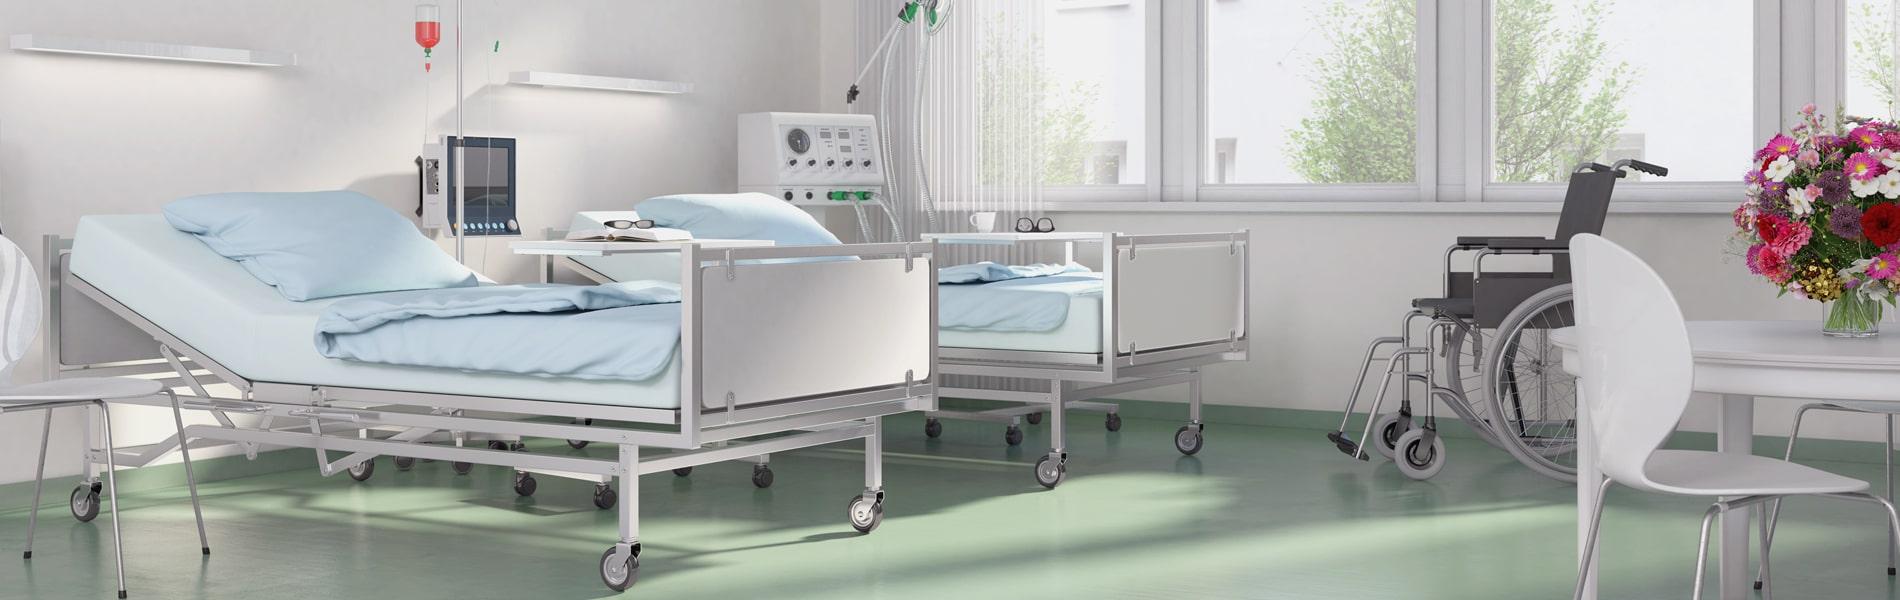 静城産業の病院感染対策清掃